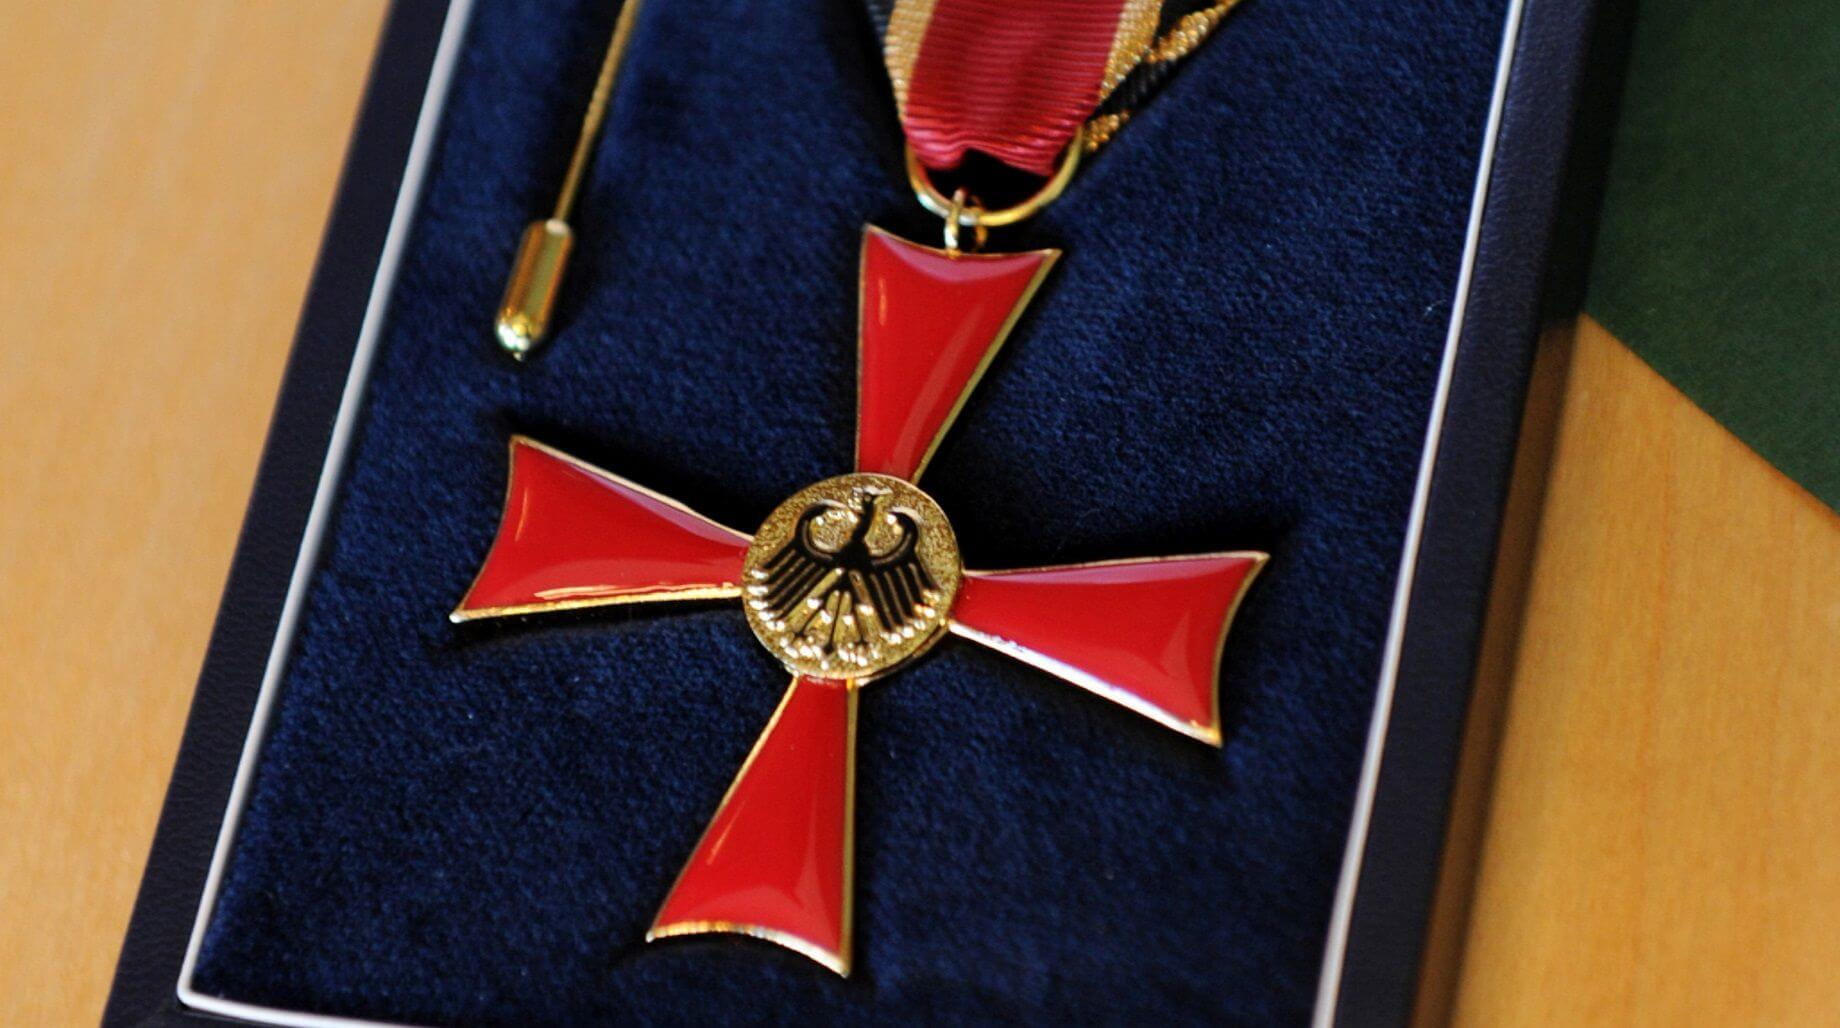 Foto: Bundesregierung / Susanne Eriksson - Verdienstkreuz am Bande des Verdienstordens der Bundesrepublik